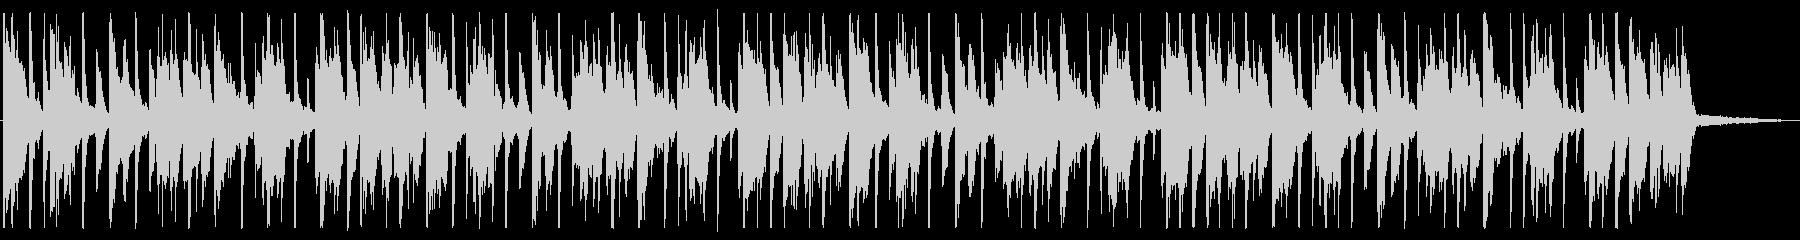 都会/ヒップホップ_No453_4の未再生の波形